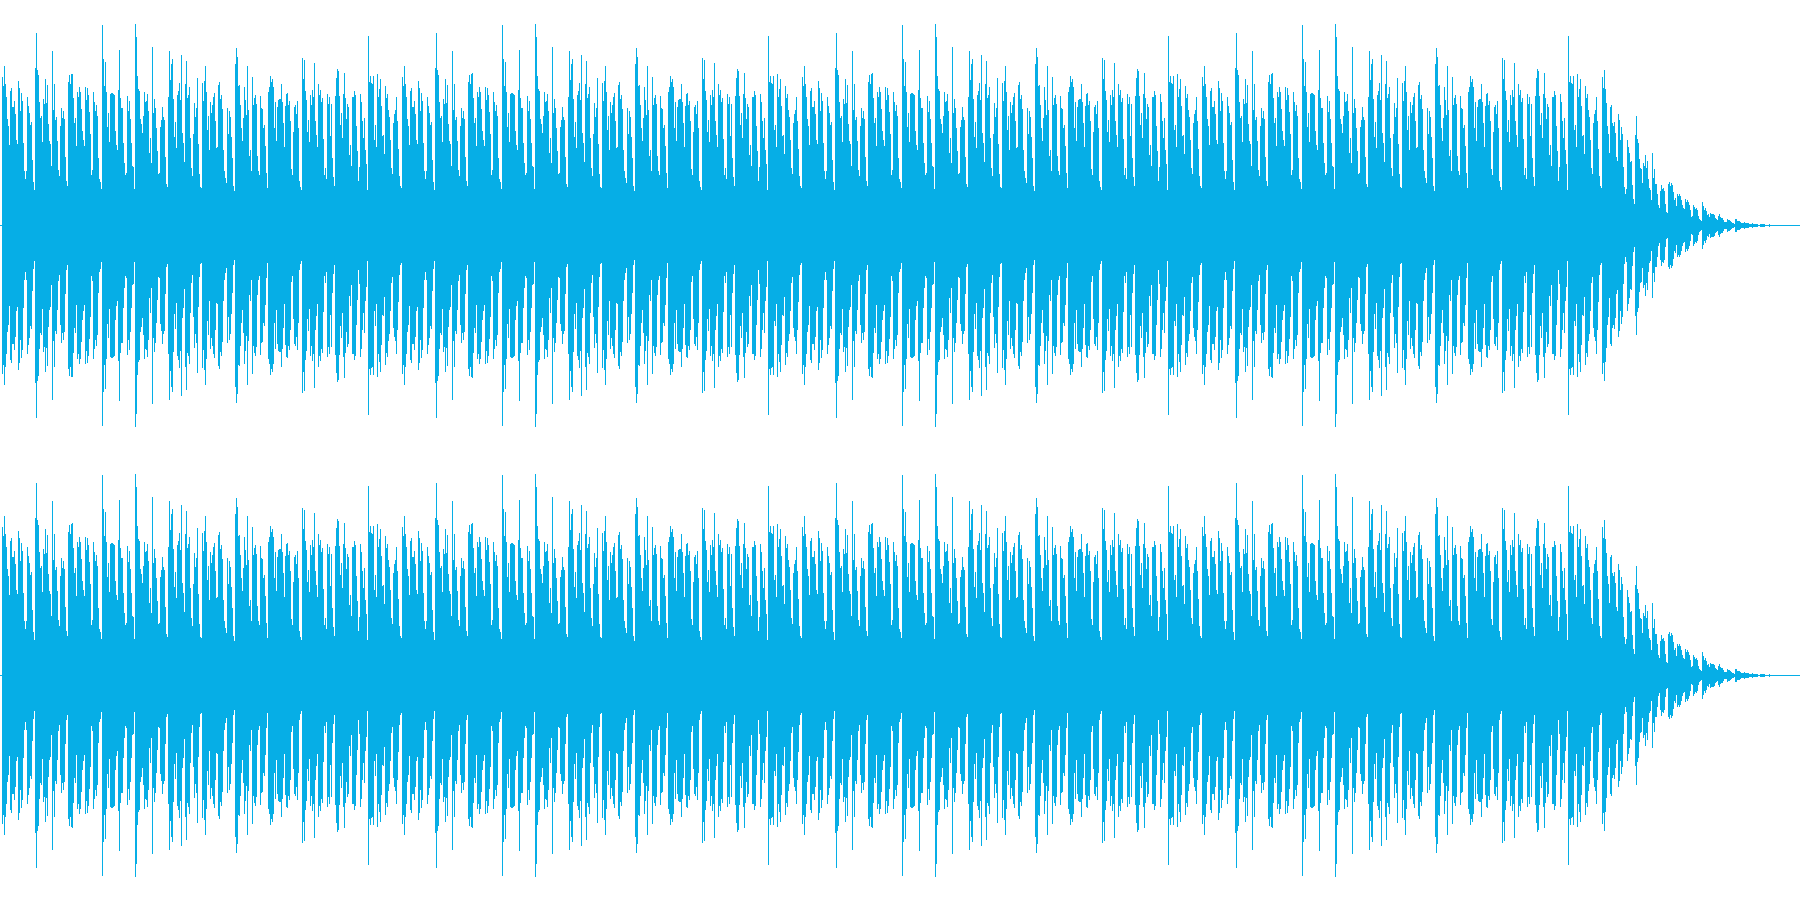 GB風シューティングのタイトル曲の再生済みの波形